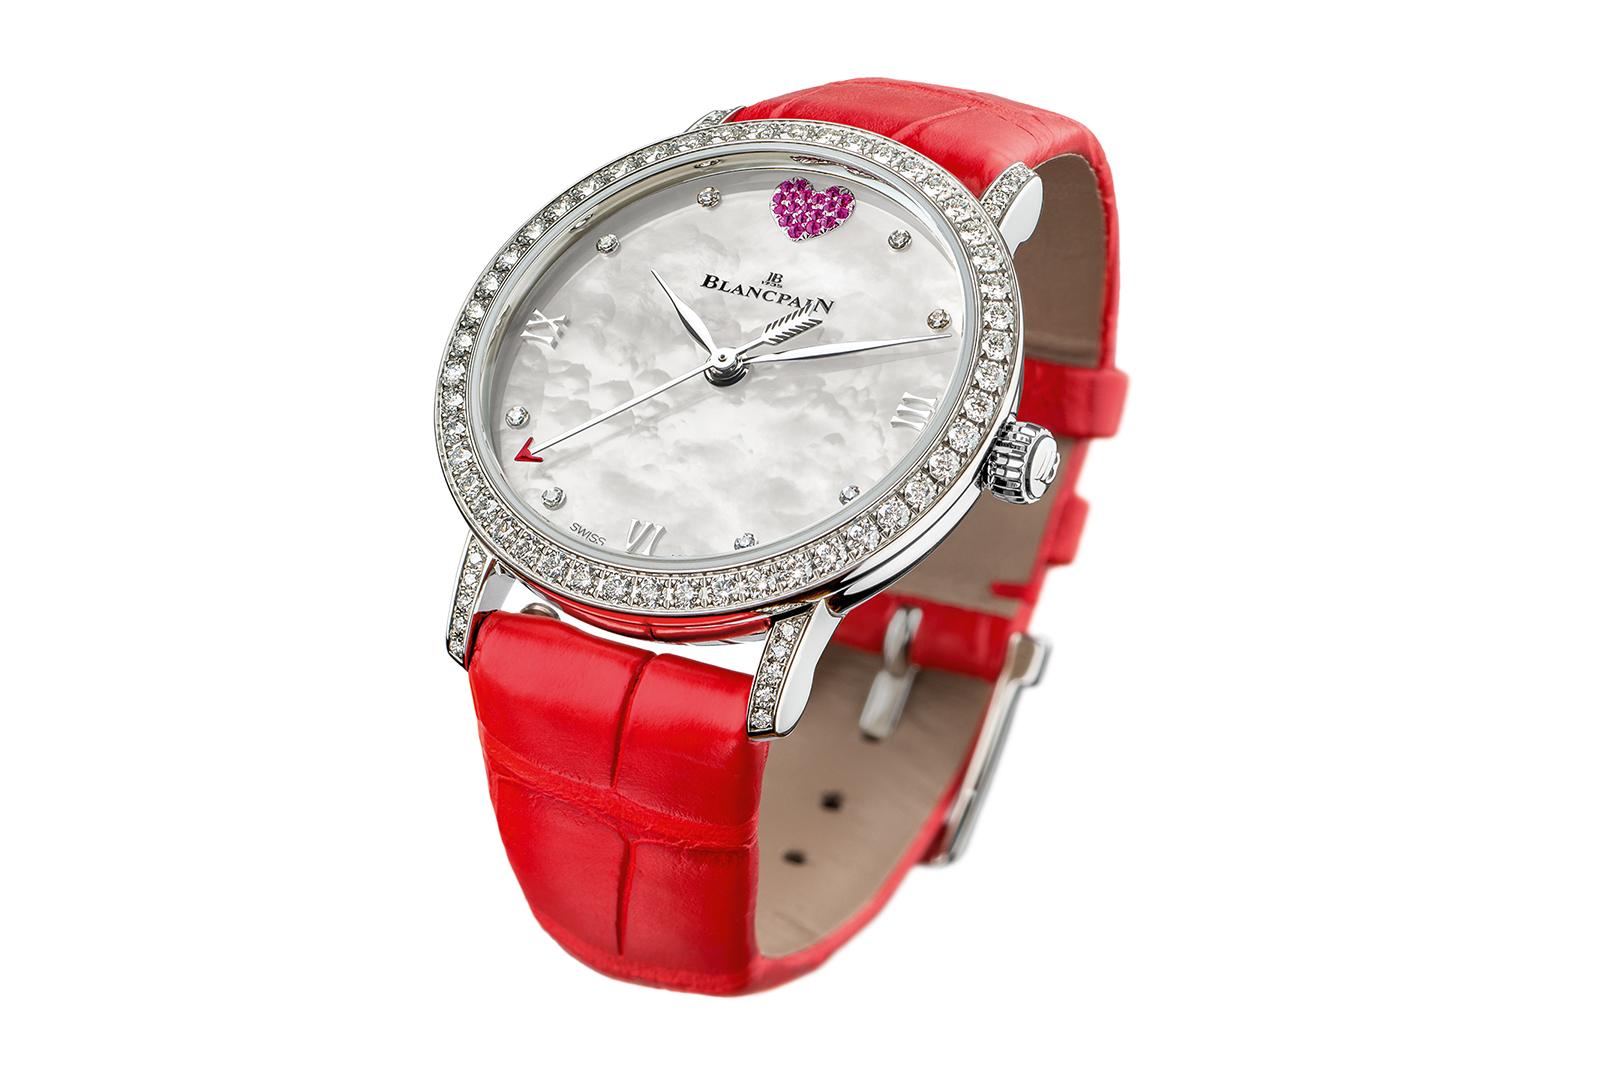 5256906d Новая модель часов от Blancpain: влюбленные часов не наблюдают